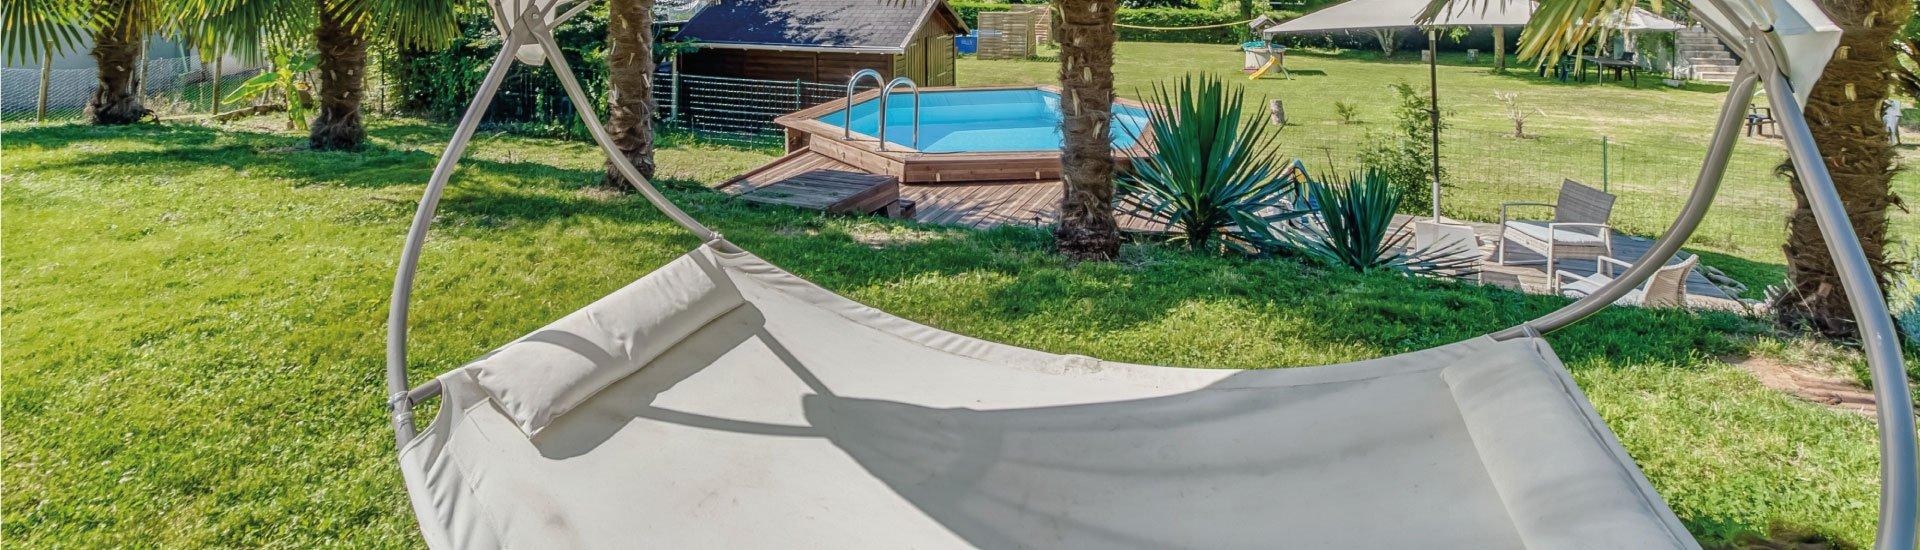 jardin-aménagé-avec-une-piscine-bois